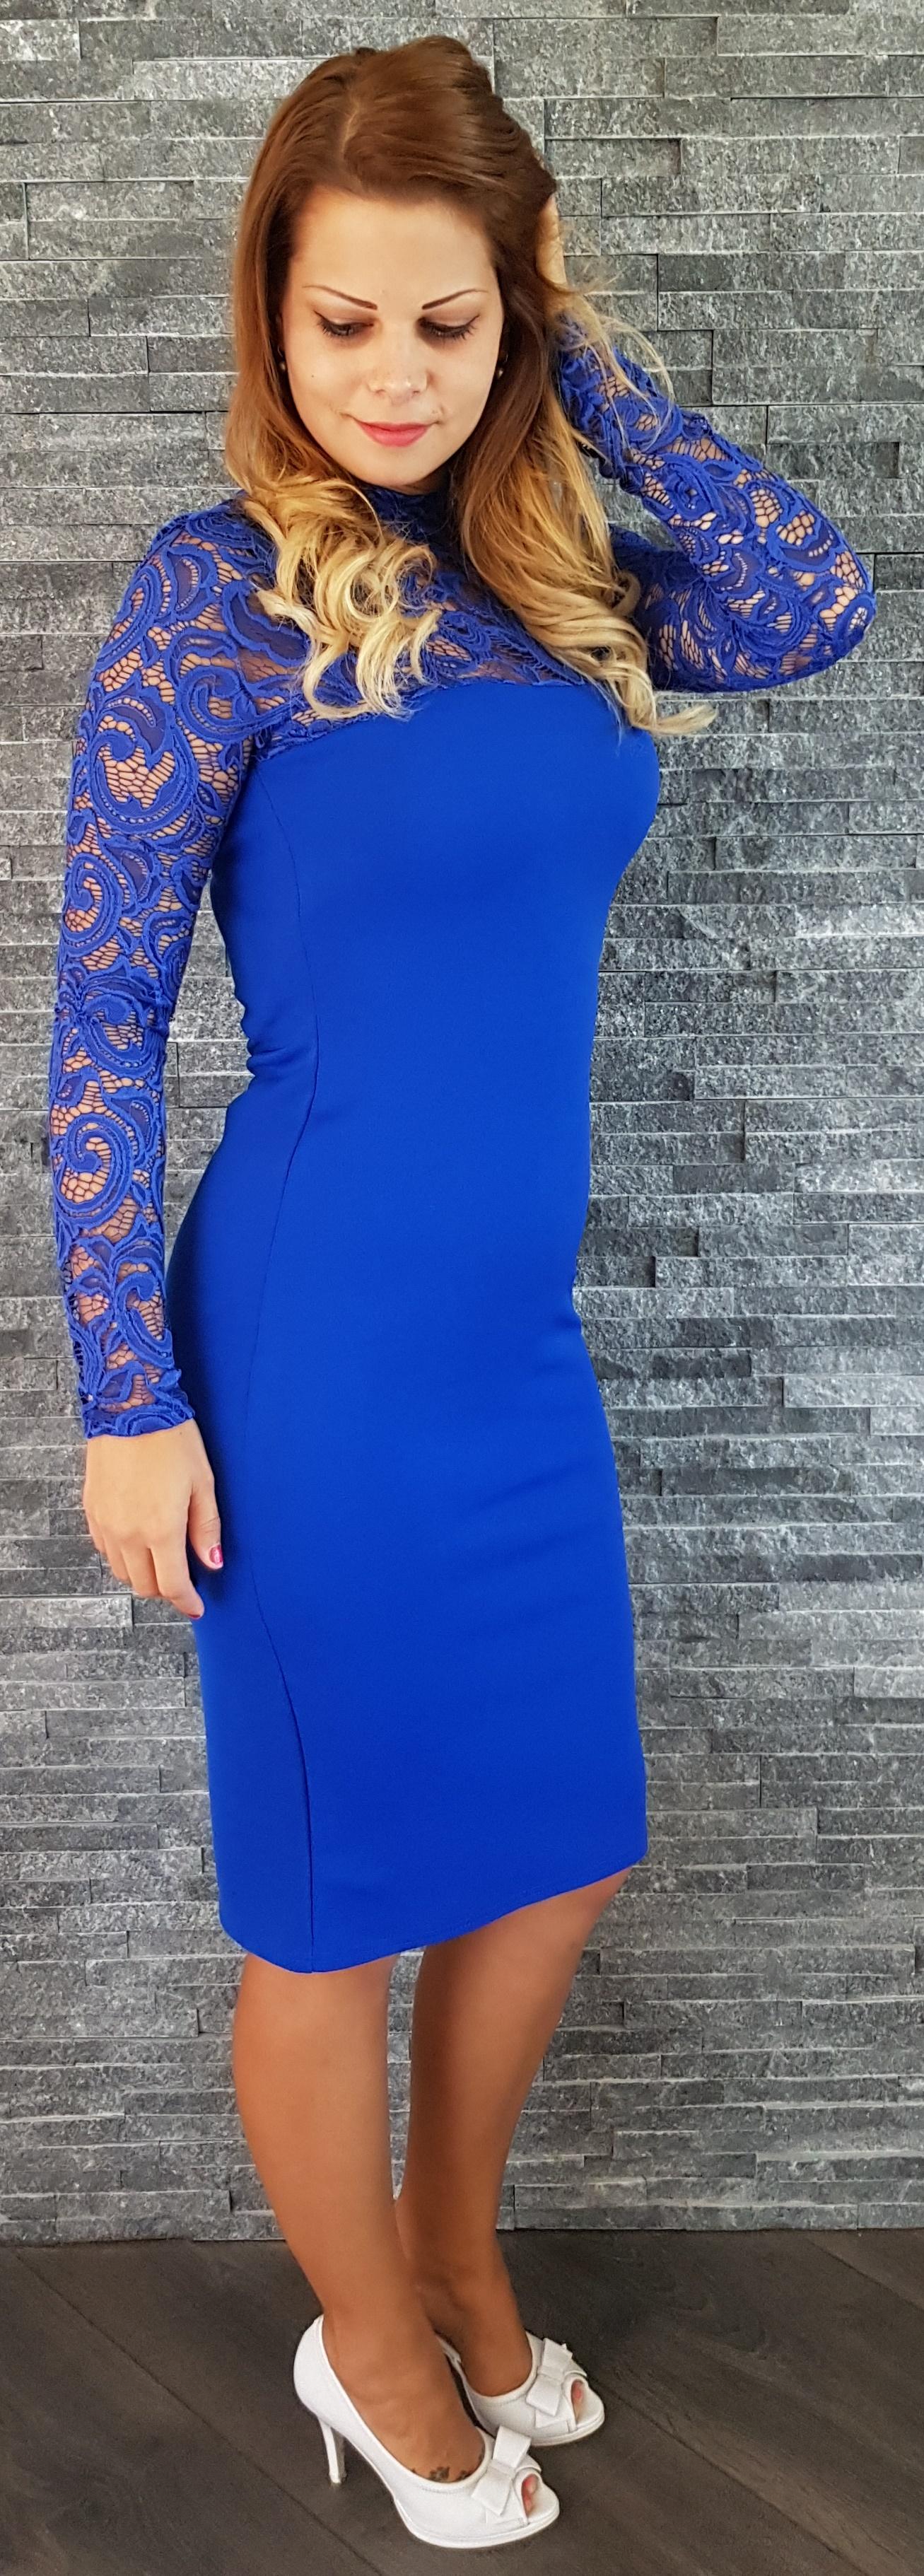 01b97576dda7 Kráľovsky modré čipkované šaty Popoluška